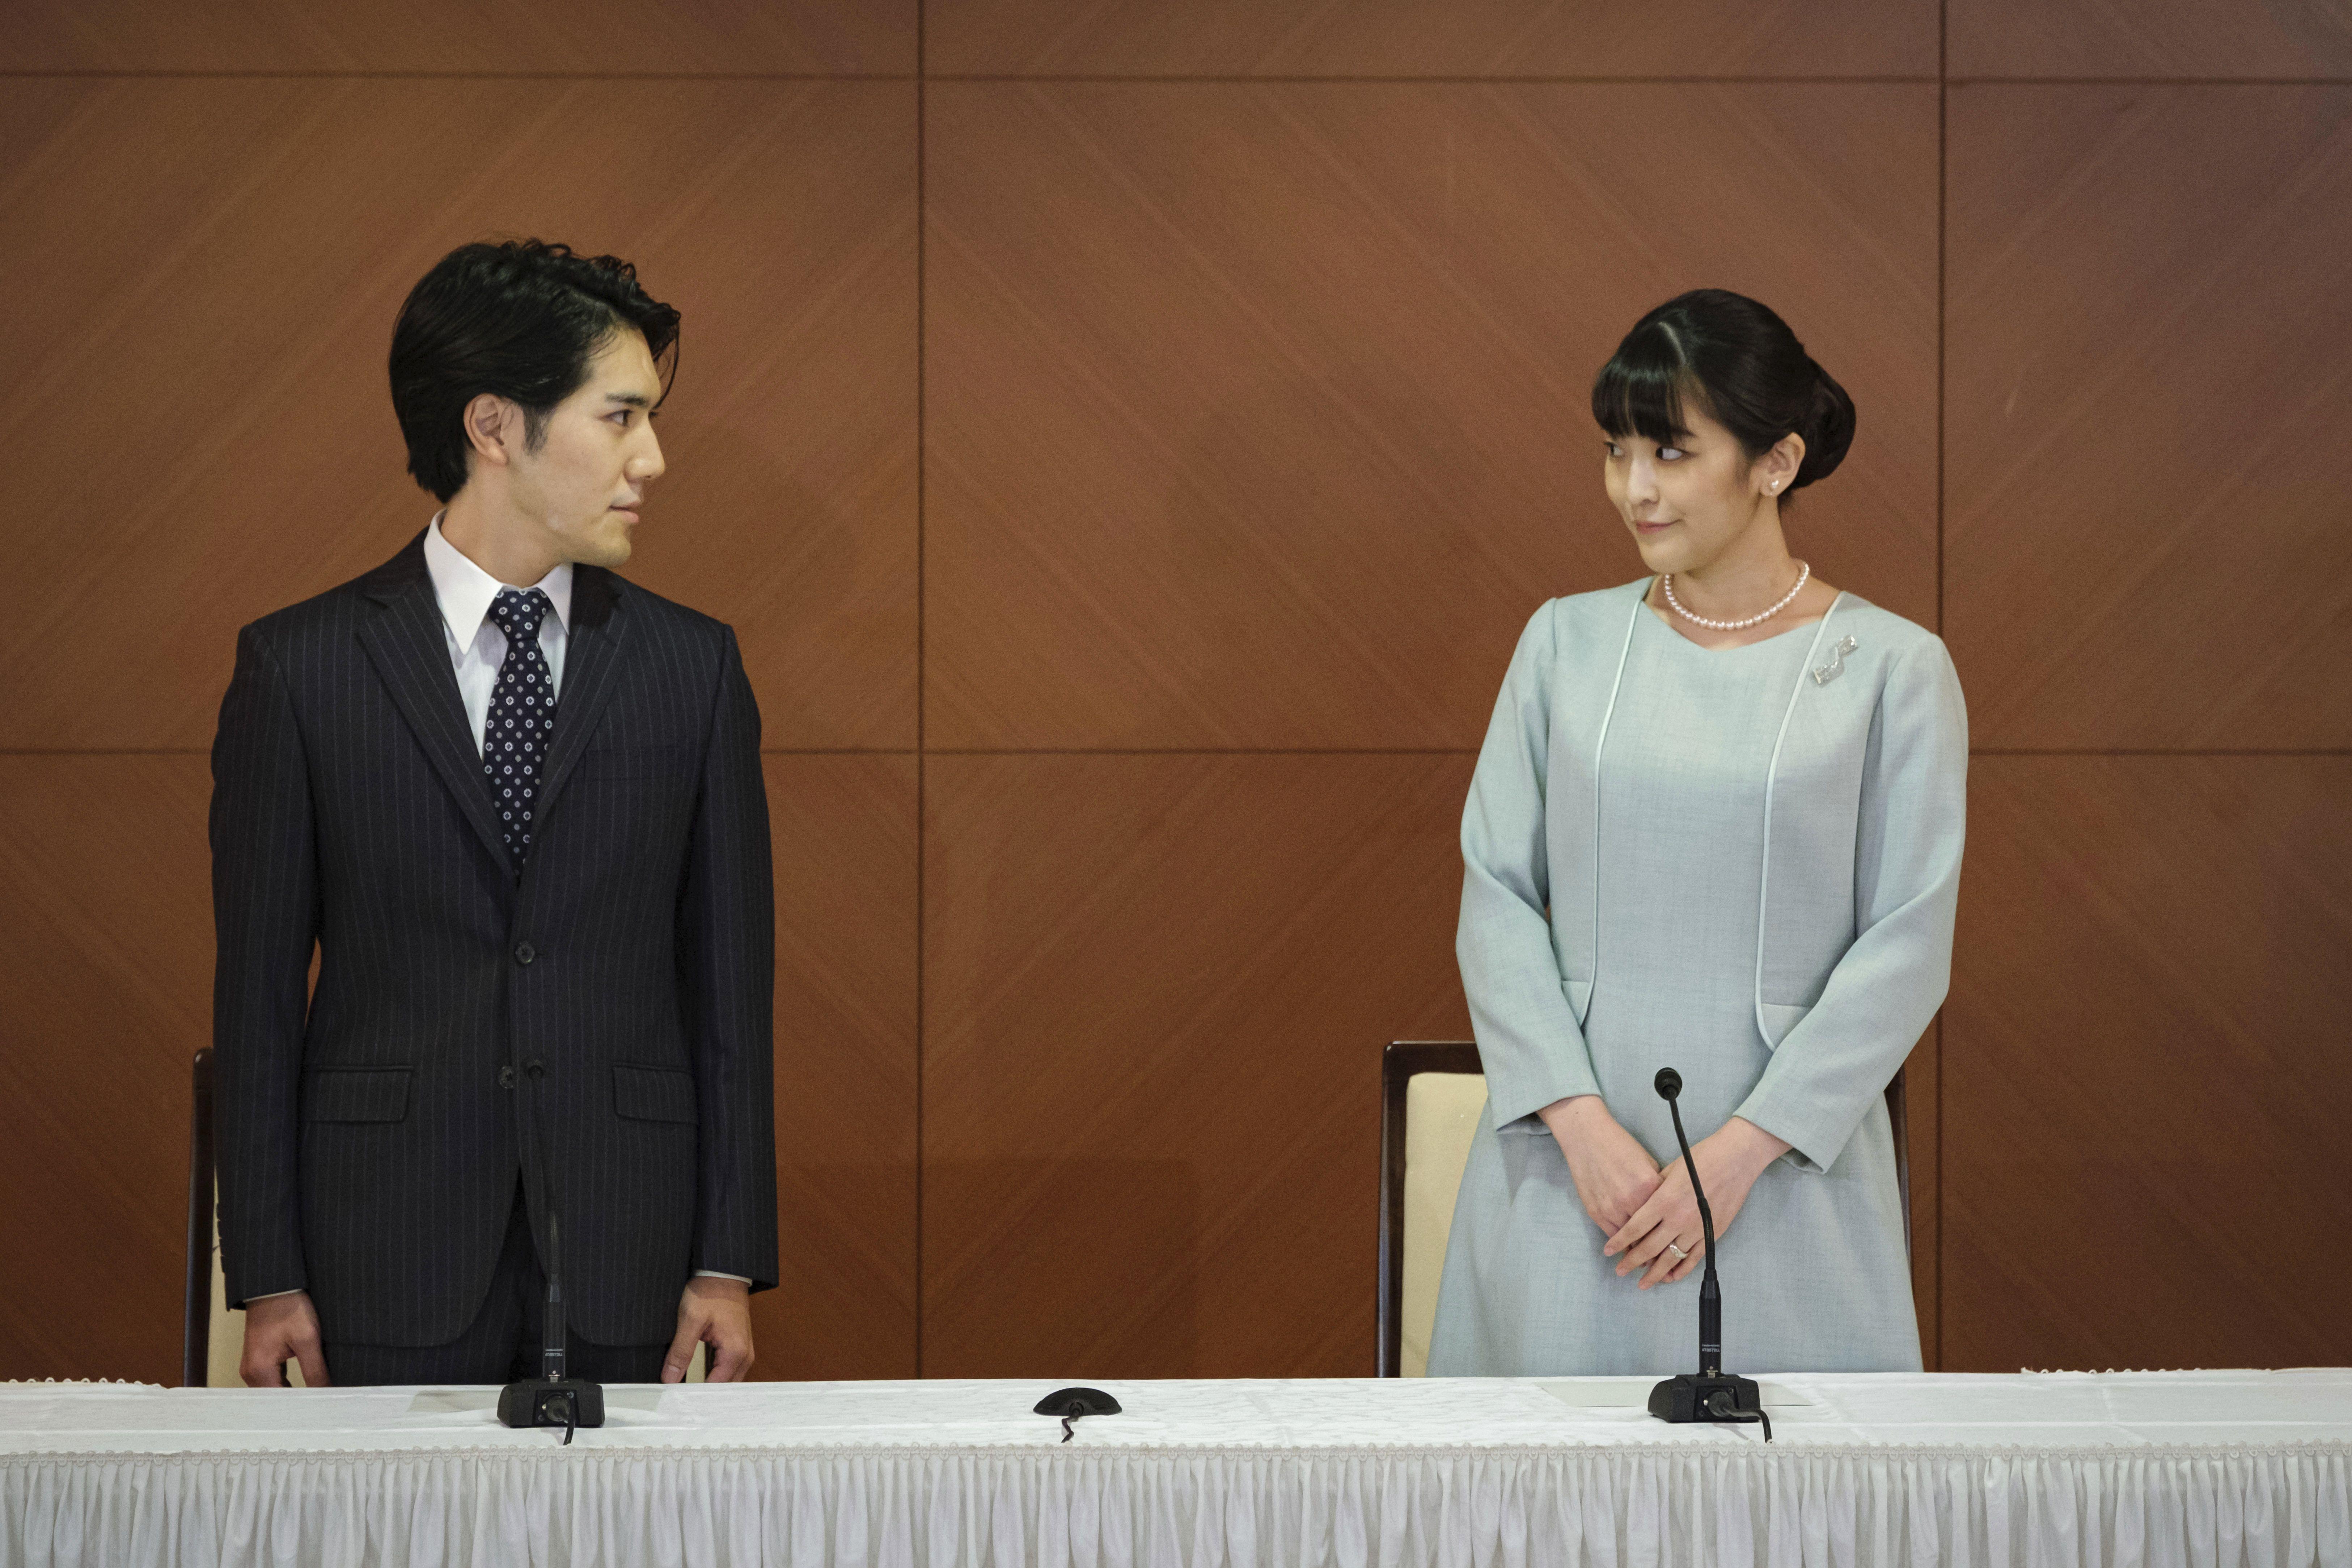 La exprincesa japonesa Mako, hija mayor del príncipe heredero Akishino y la princesa heredera Kiko, y su esposo, Kei Komuro, se miran durante una conferencia de prensa para anunciar su matrimonio en un hotel de Tokio, Japón, el martes 26 de octubre de 2021.